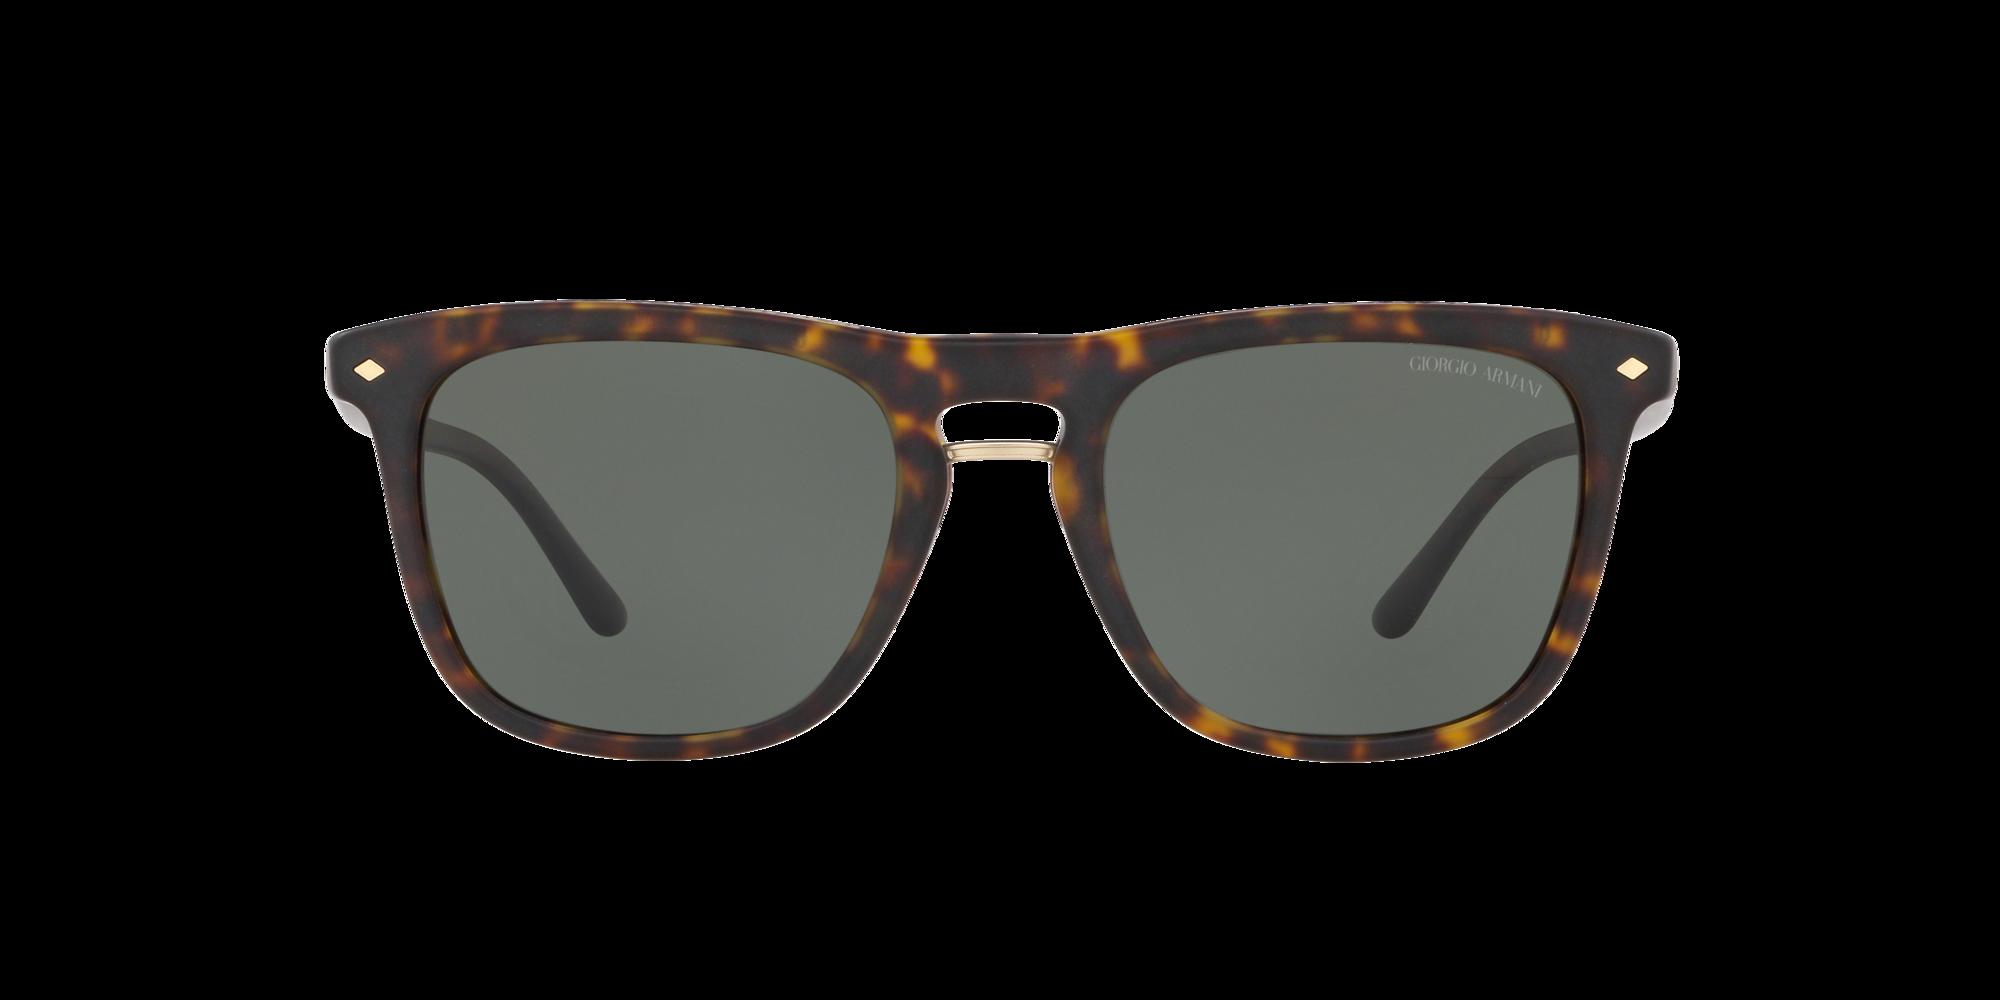 Imagen para AR8107 53 de LensCrafters |  Espejuelos, espejuelos graduados en línea, gafas